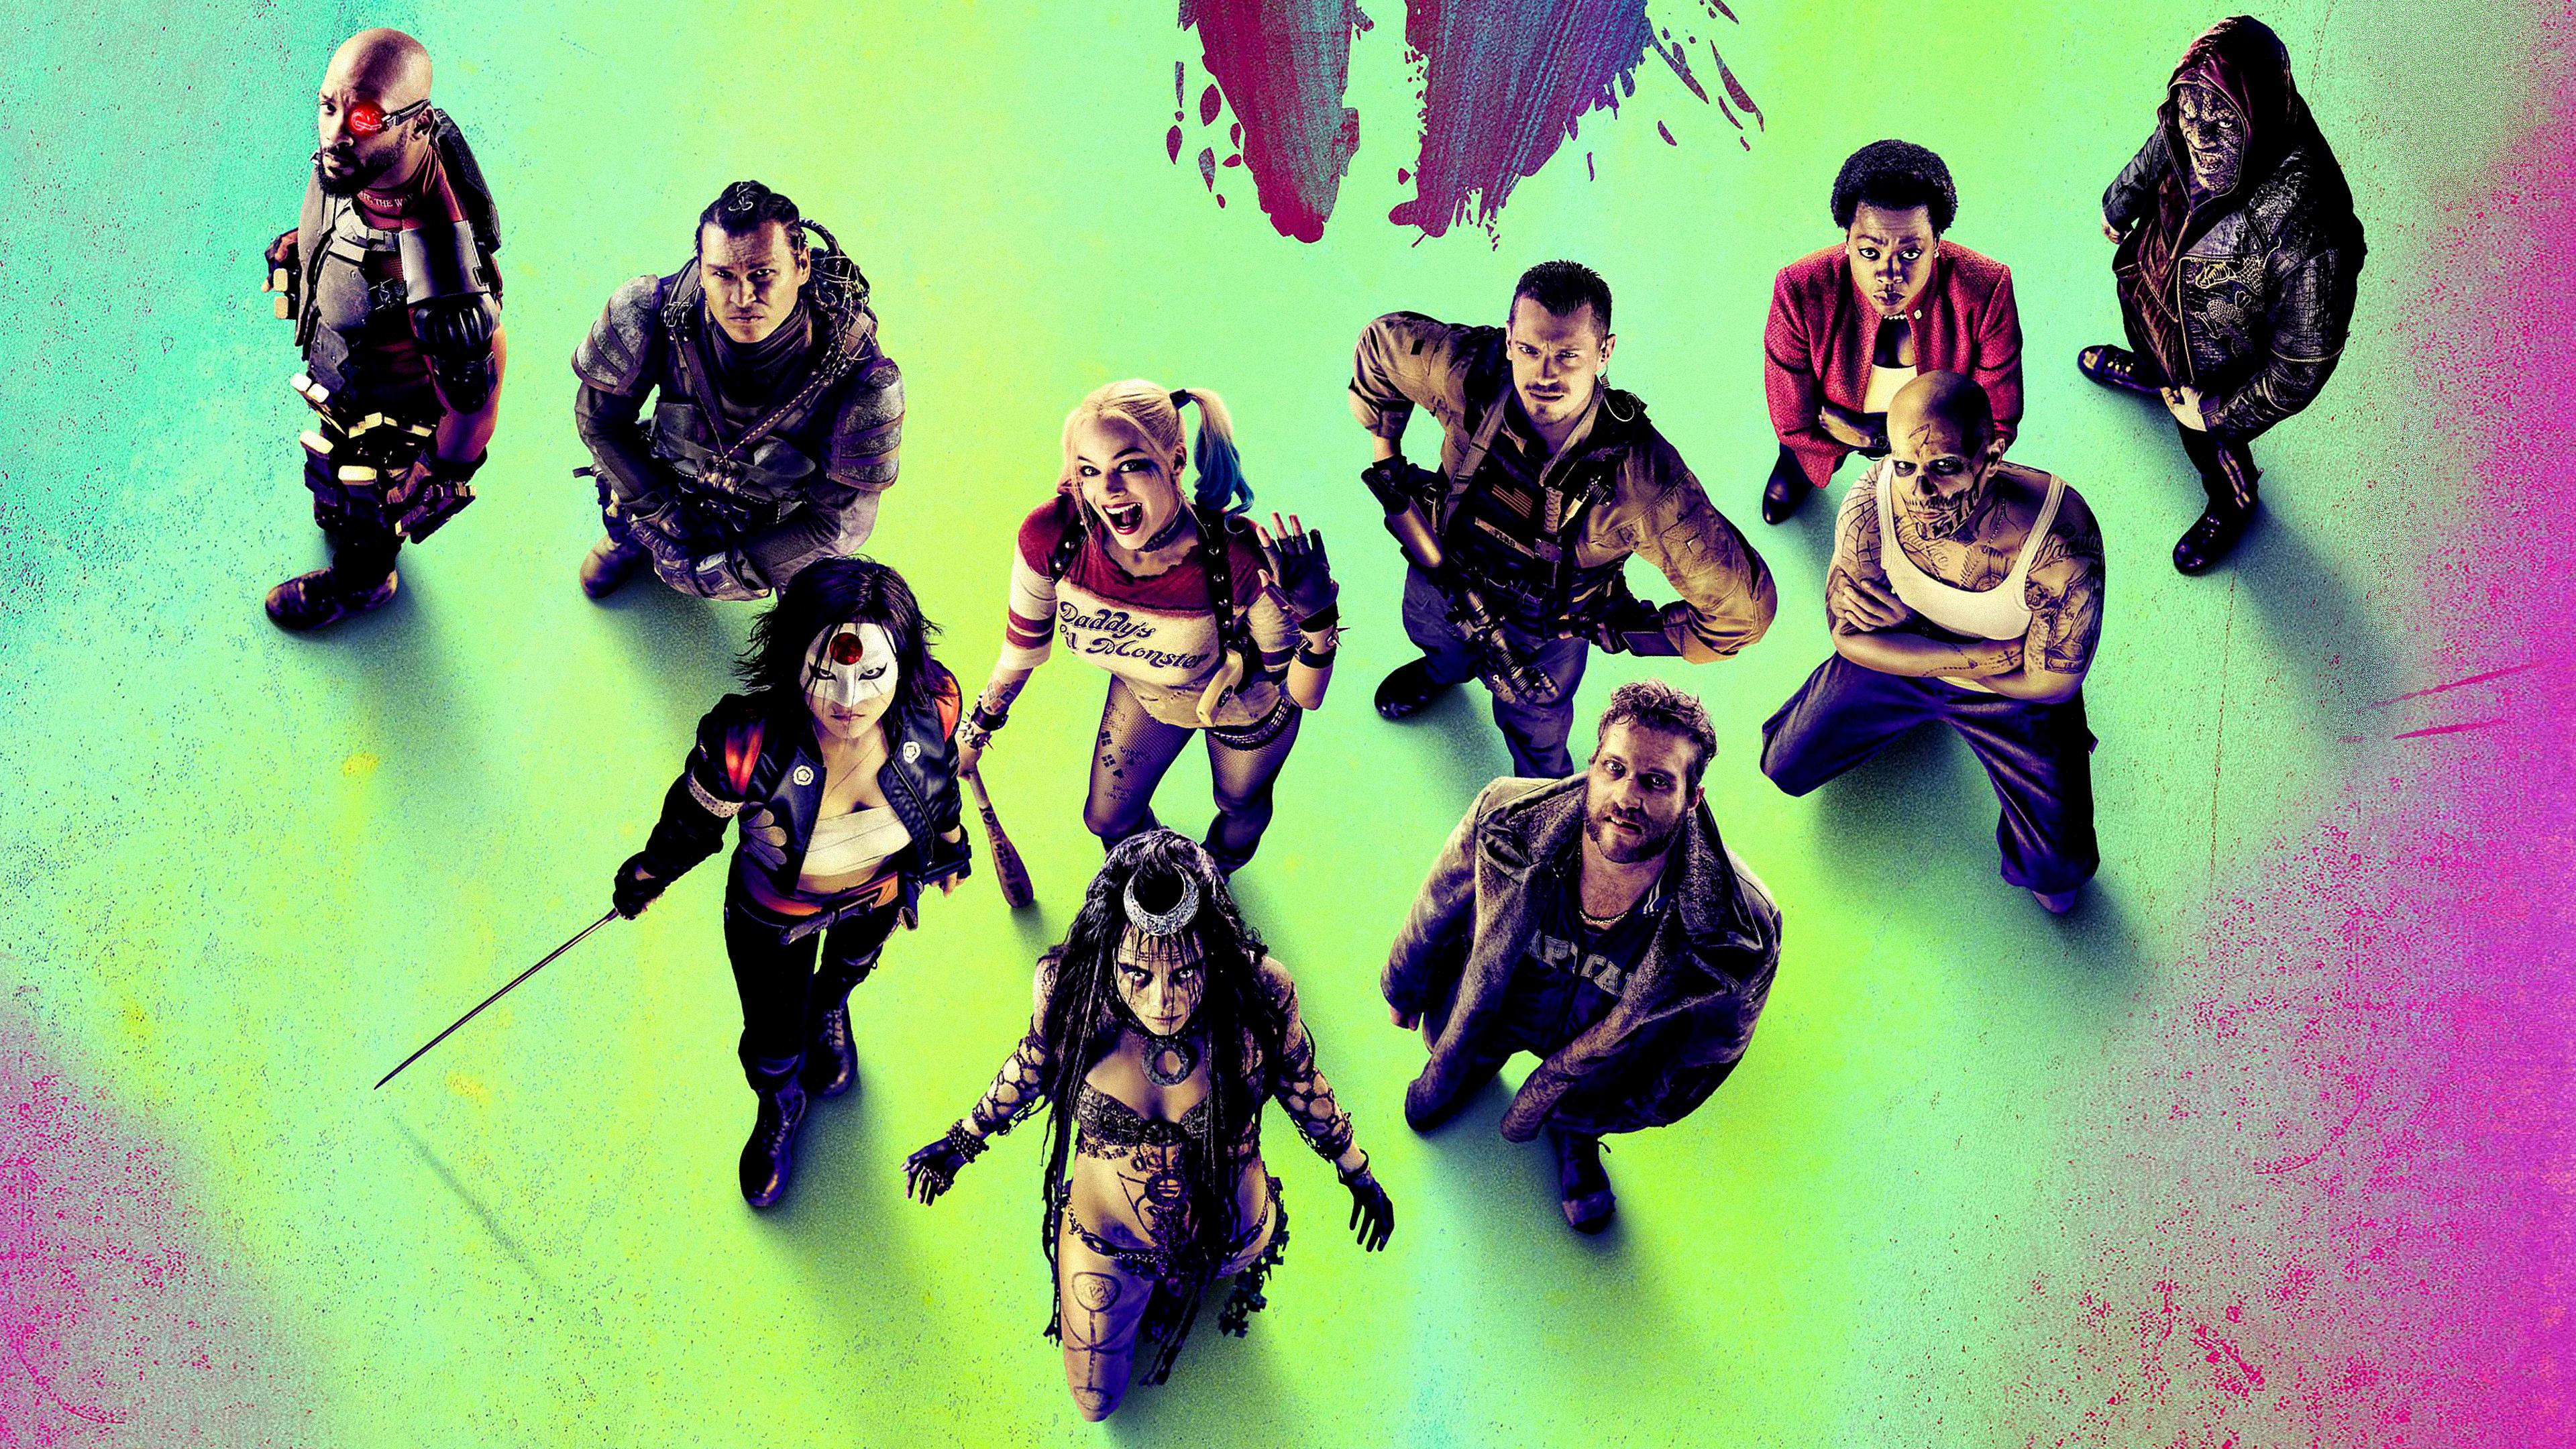 gladz movie night - suicide squad